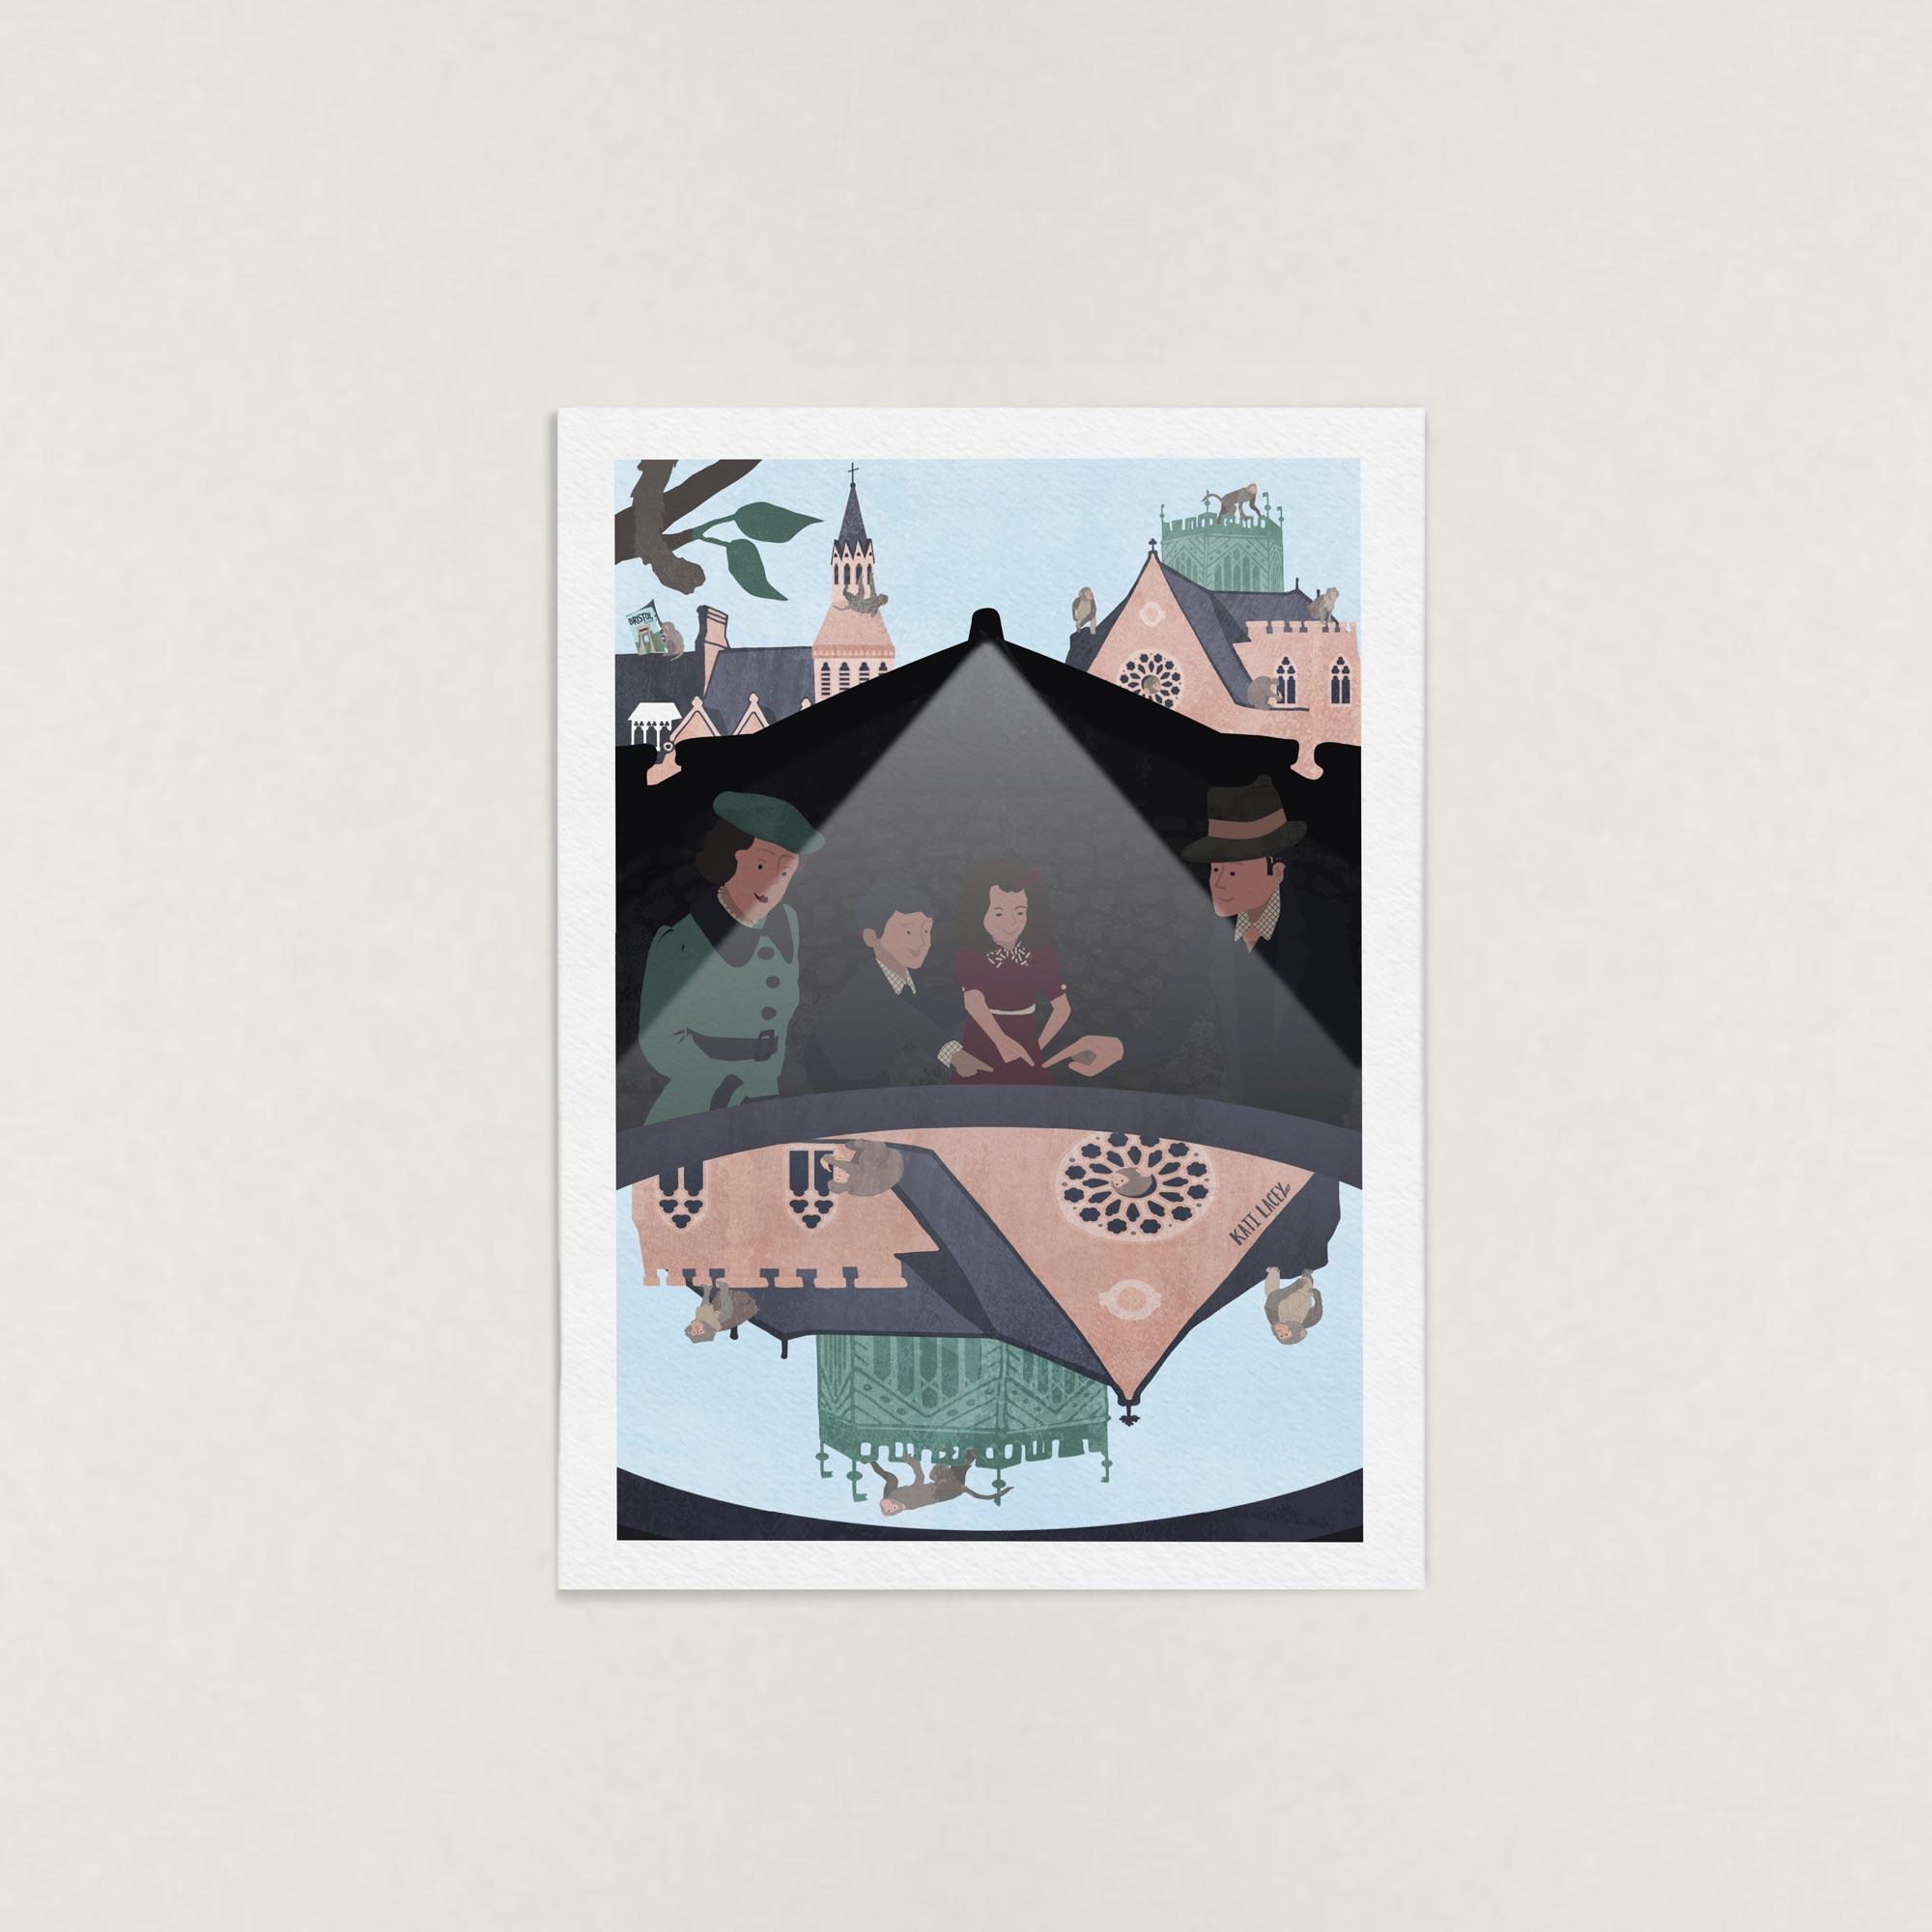 secret-brisstol-clifton-college-suspension-bridge-camera-obscura-cameraobscura-city- scene-cityscene-chaos-manic-1930s-family-illustration-art-print-katilacey